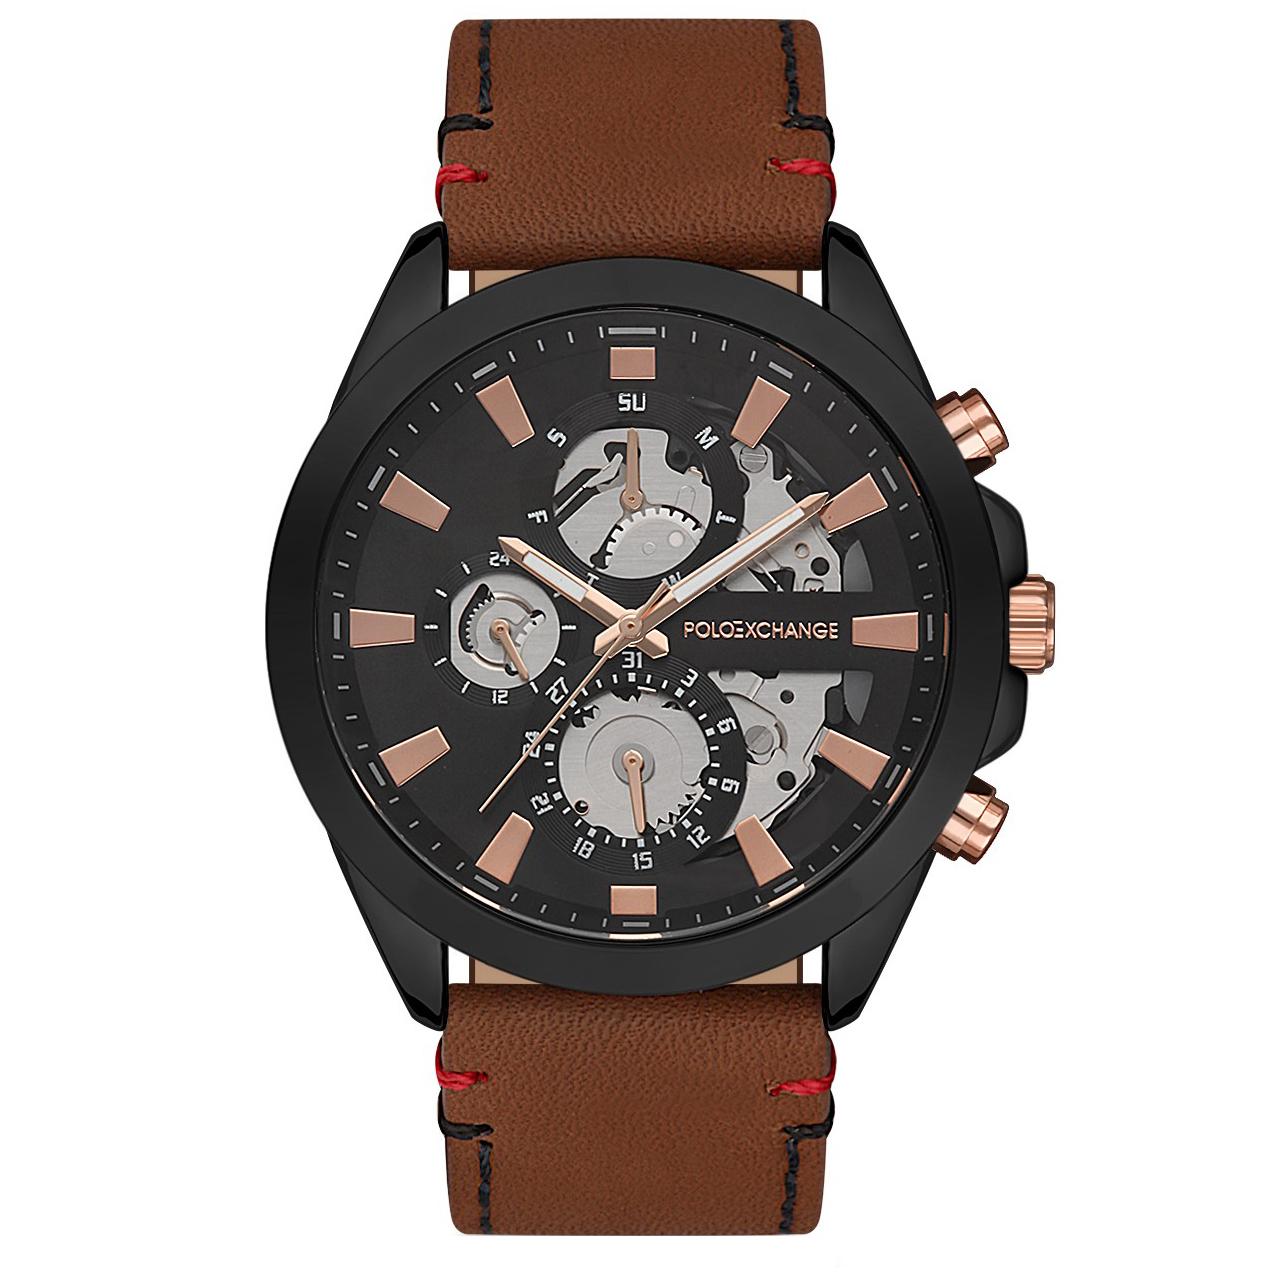 ساعت مچی عقربه ای مردانه پولو اکسچینج مدل PX0130D-02 4